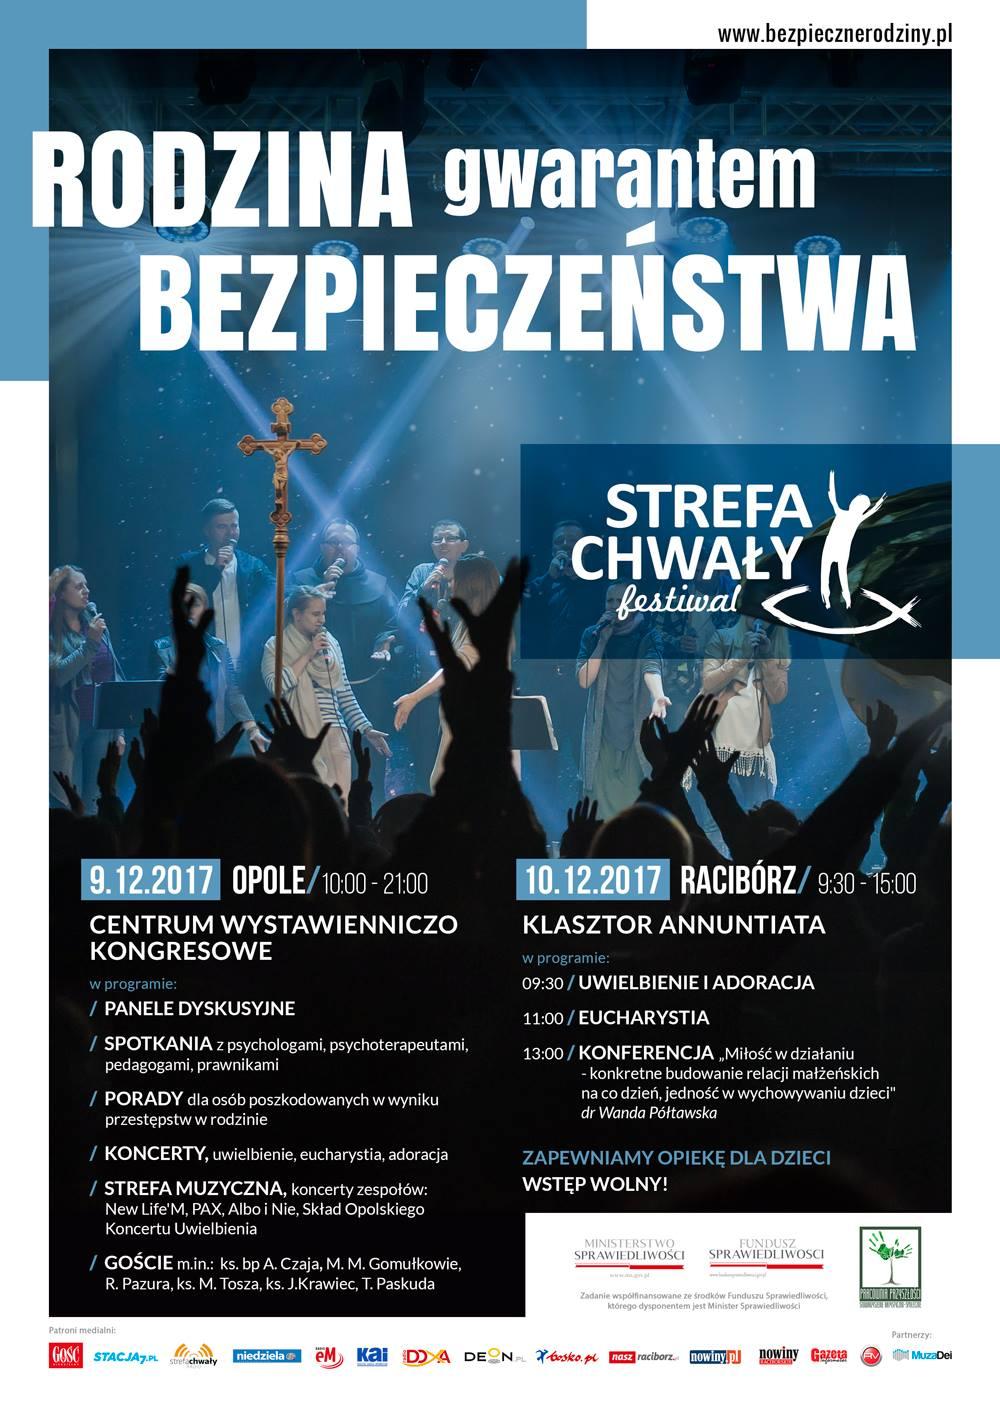 Strefa Chwały Festiwal w Opolu i Raciborzu